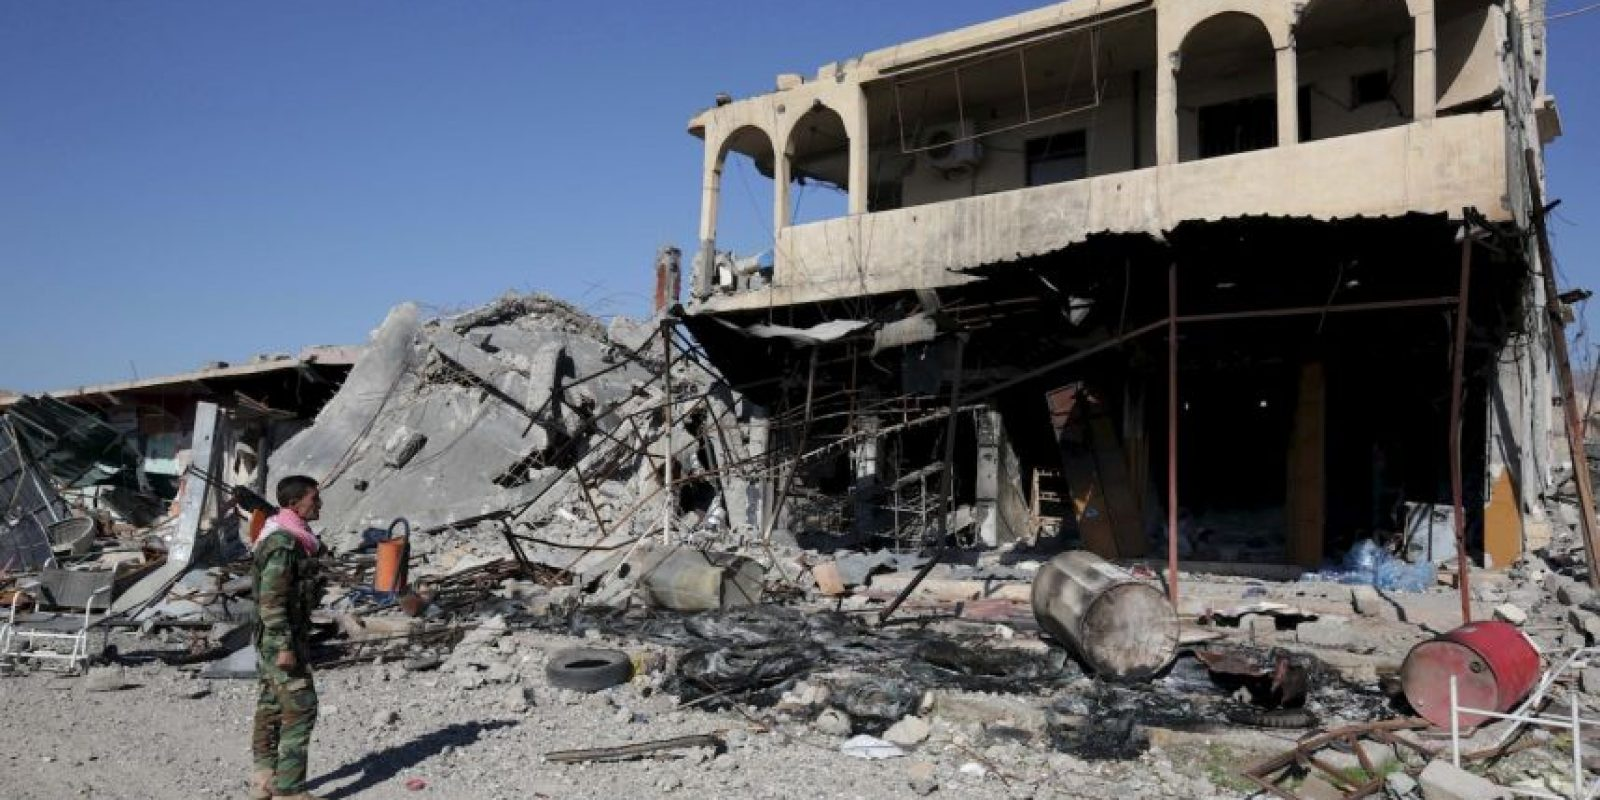 Las calles de Sinjar están vacías, sus casas deshabitadas y muchas de ellas convertidas en escombros. Foto:AP